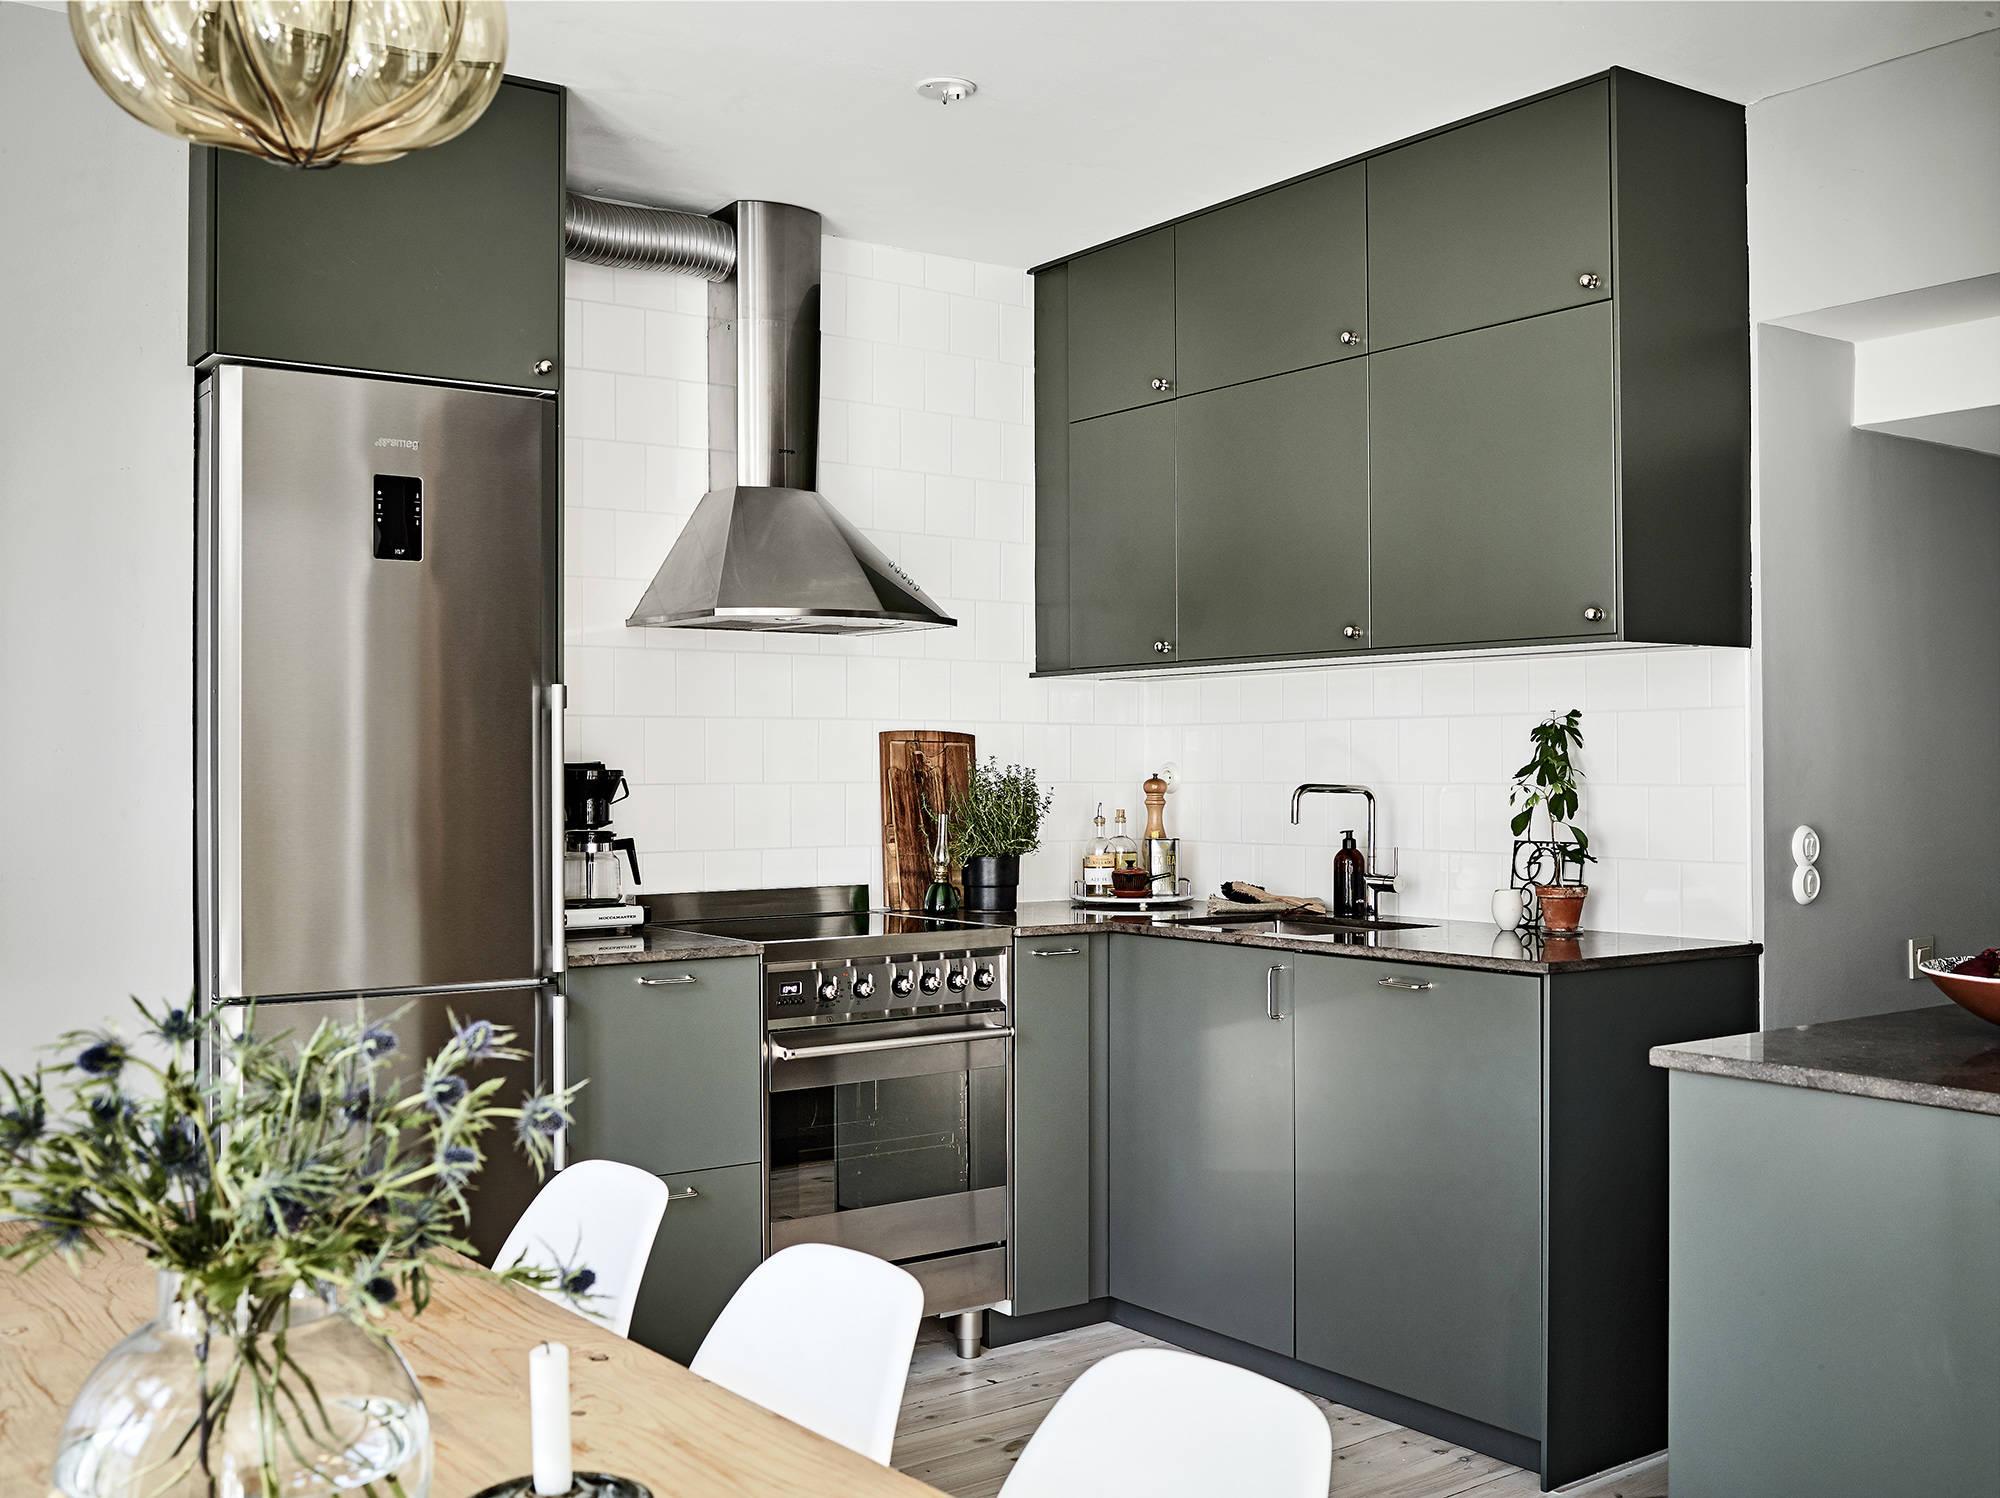 кухня холодильник плита вытяжка мойка смеситель столешница белая плитка